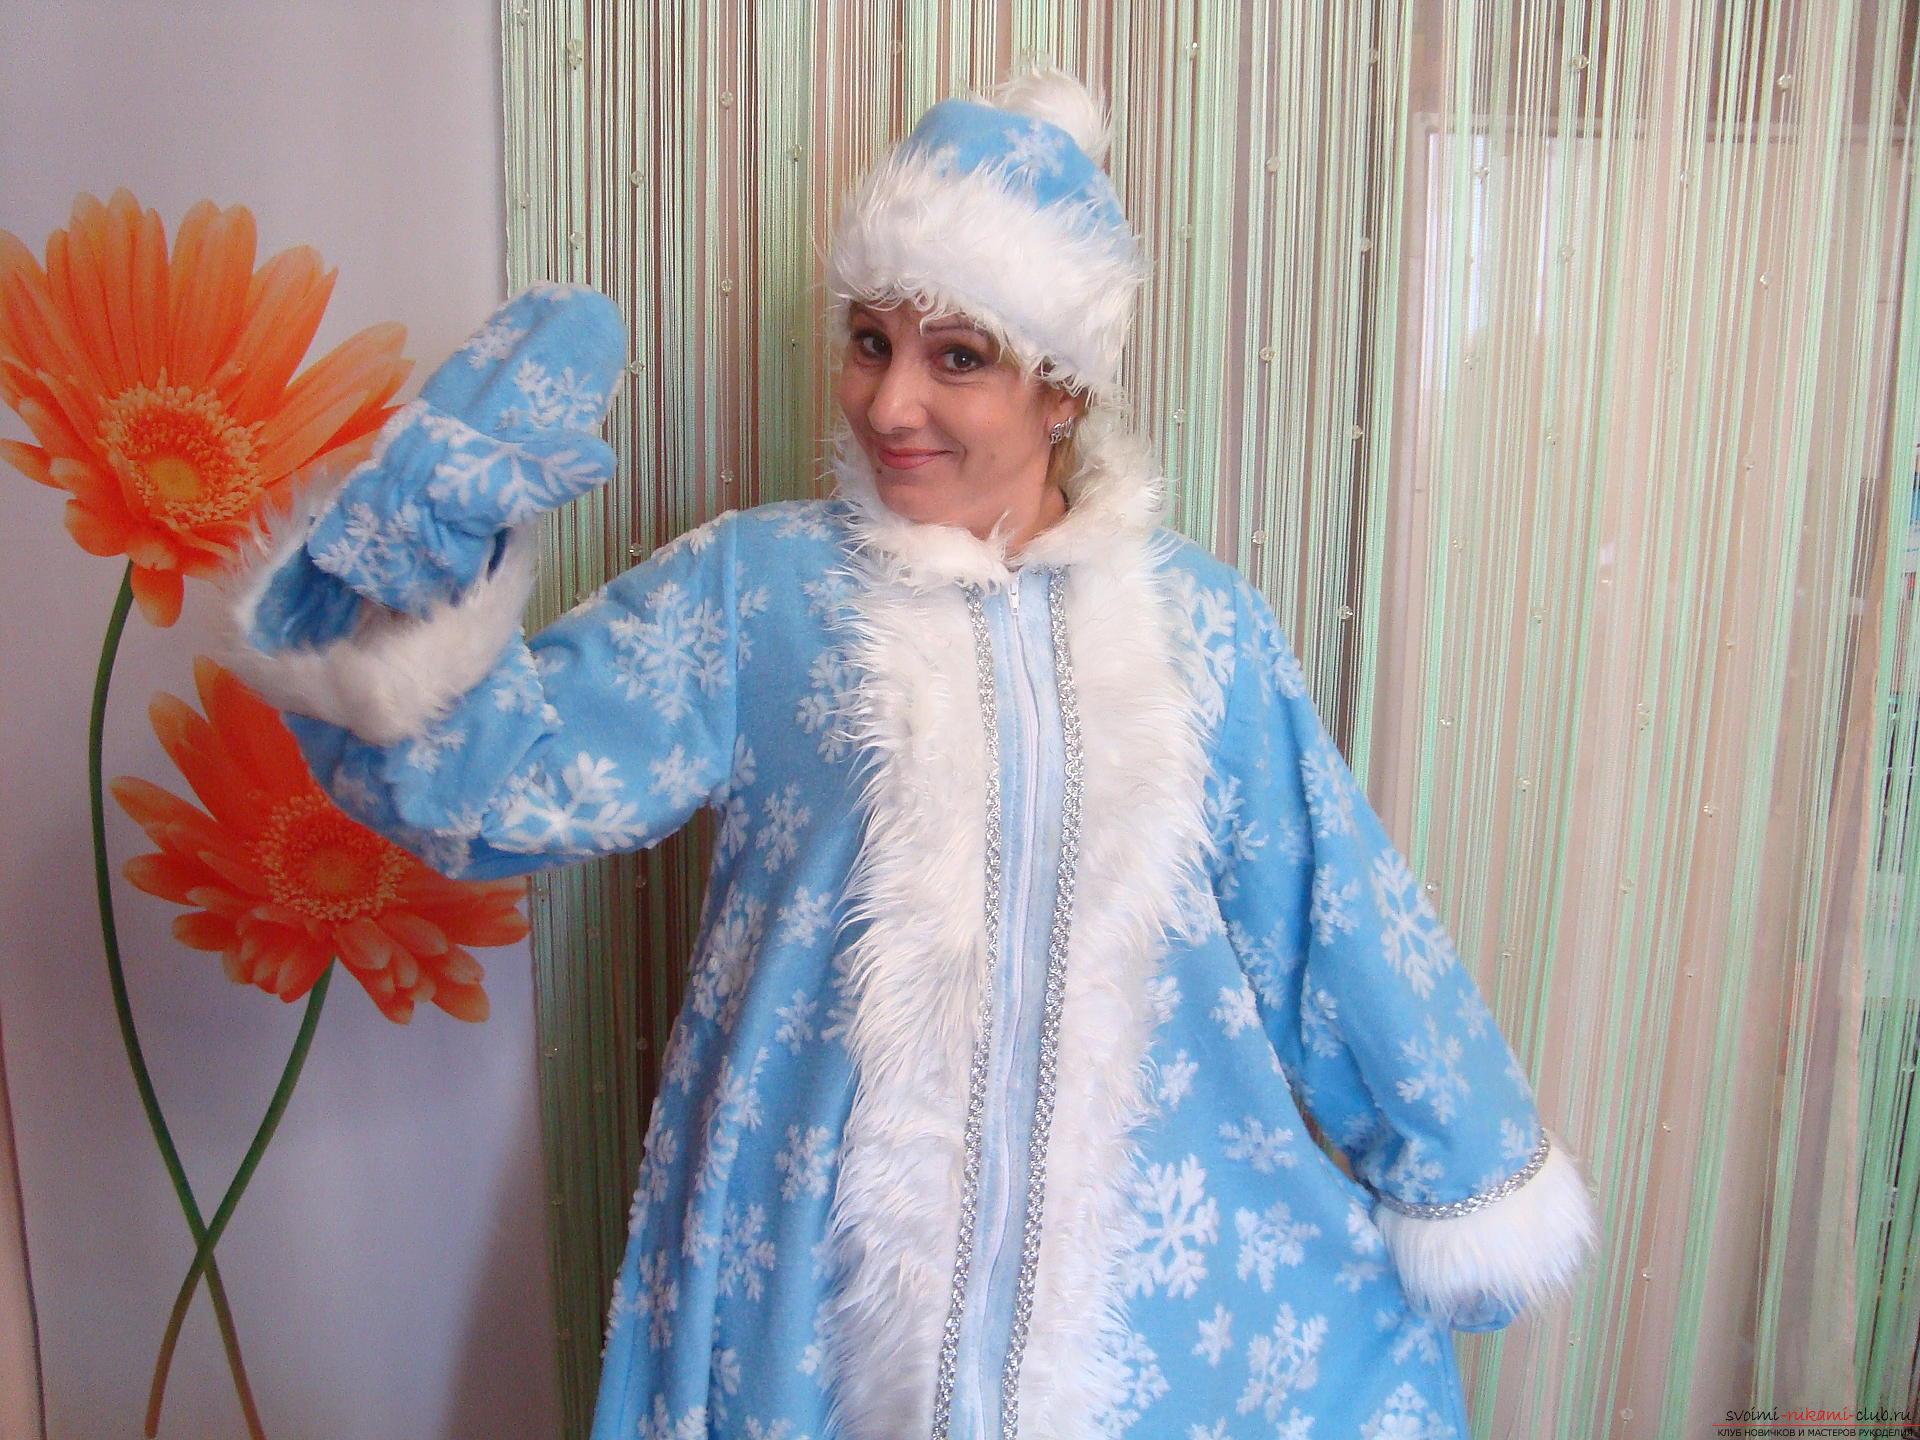 Как сделать костюм нового года своими руками на новый год